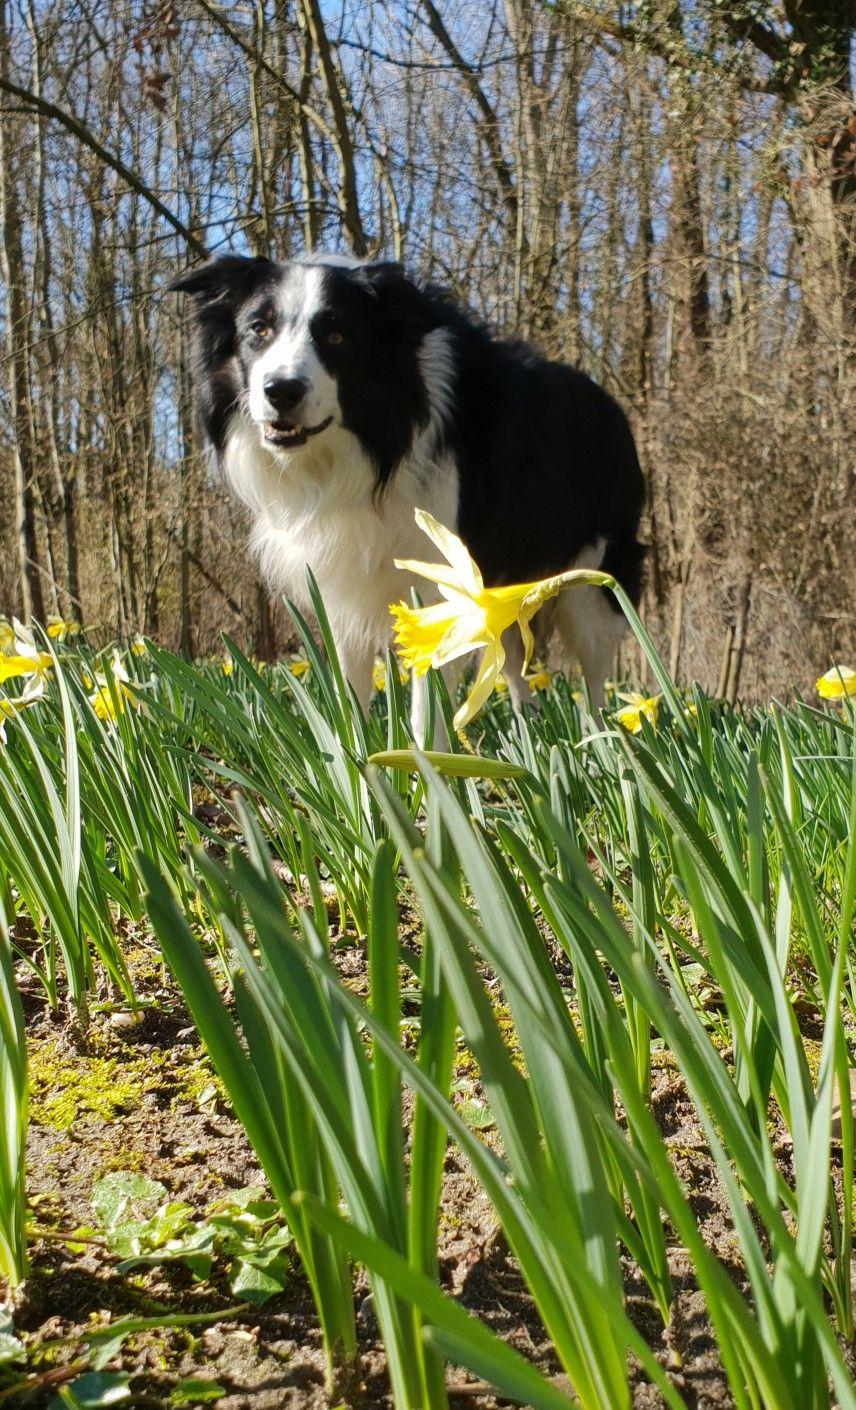 Jaizkibel border collie bûcheron Puppy breeds, Dogs and